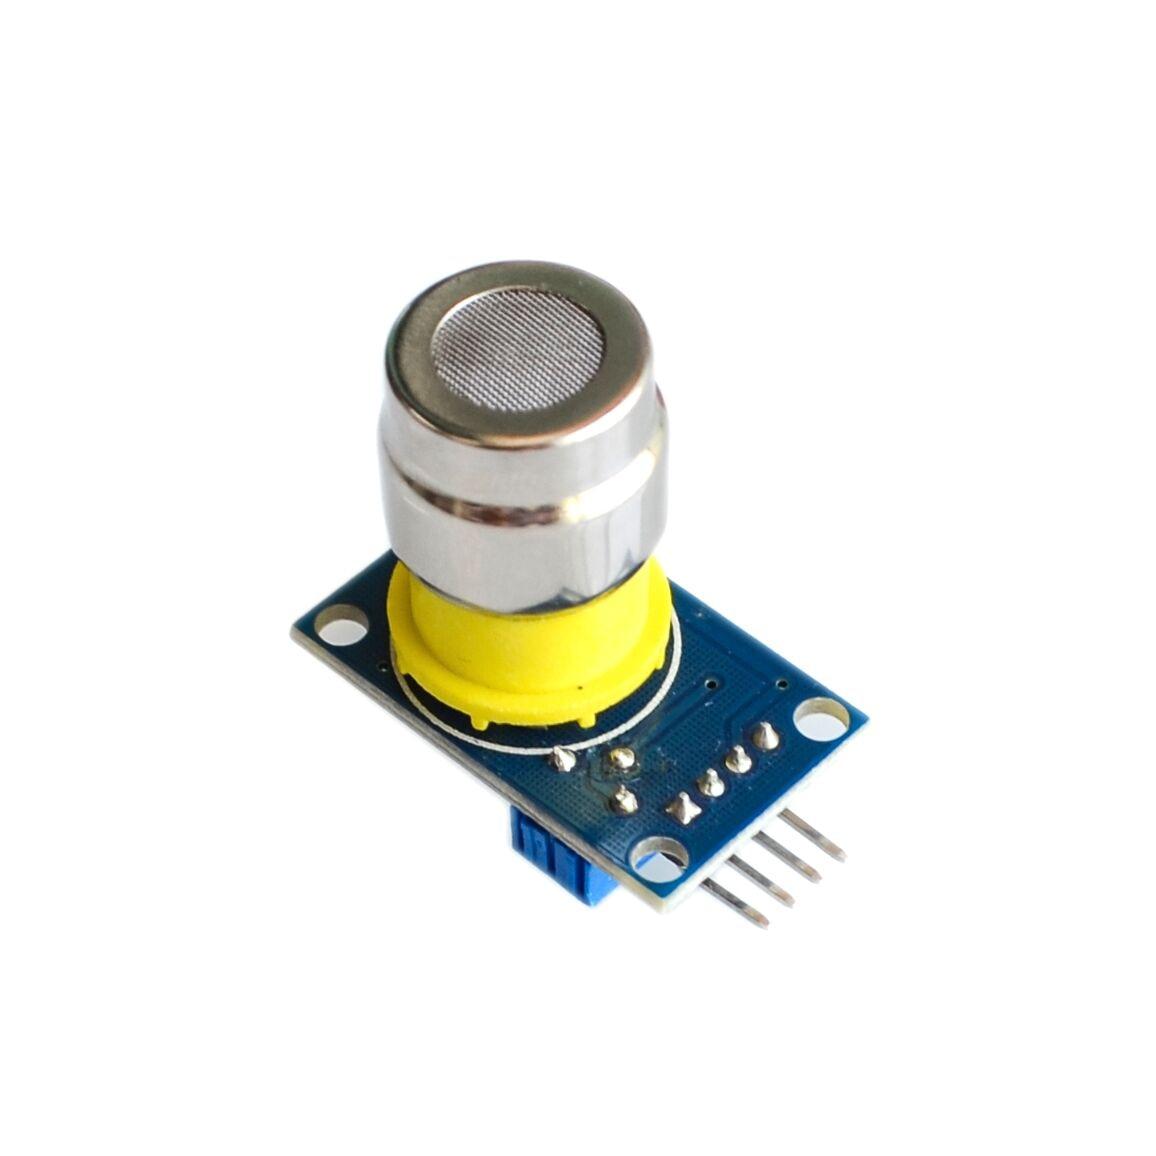 CO2 gas carbon dioxide sensor MG811